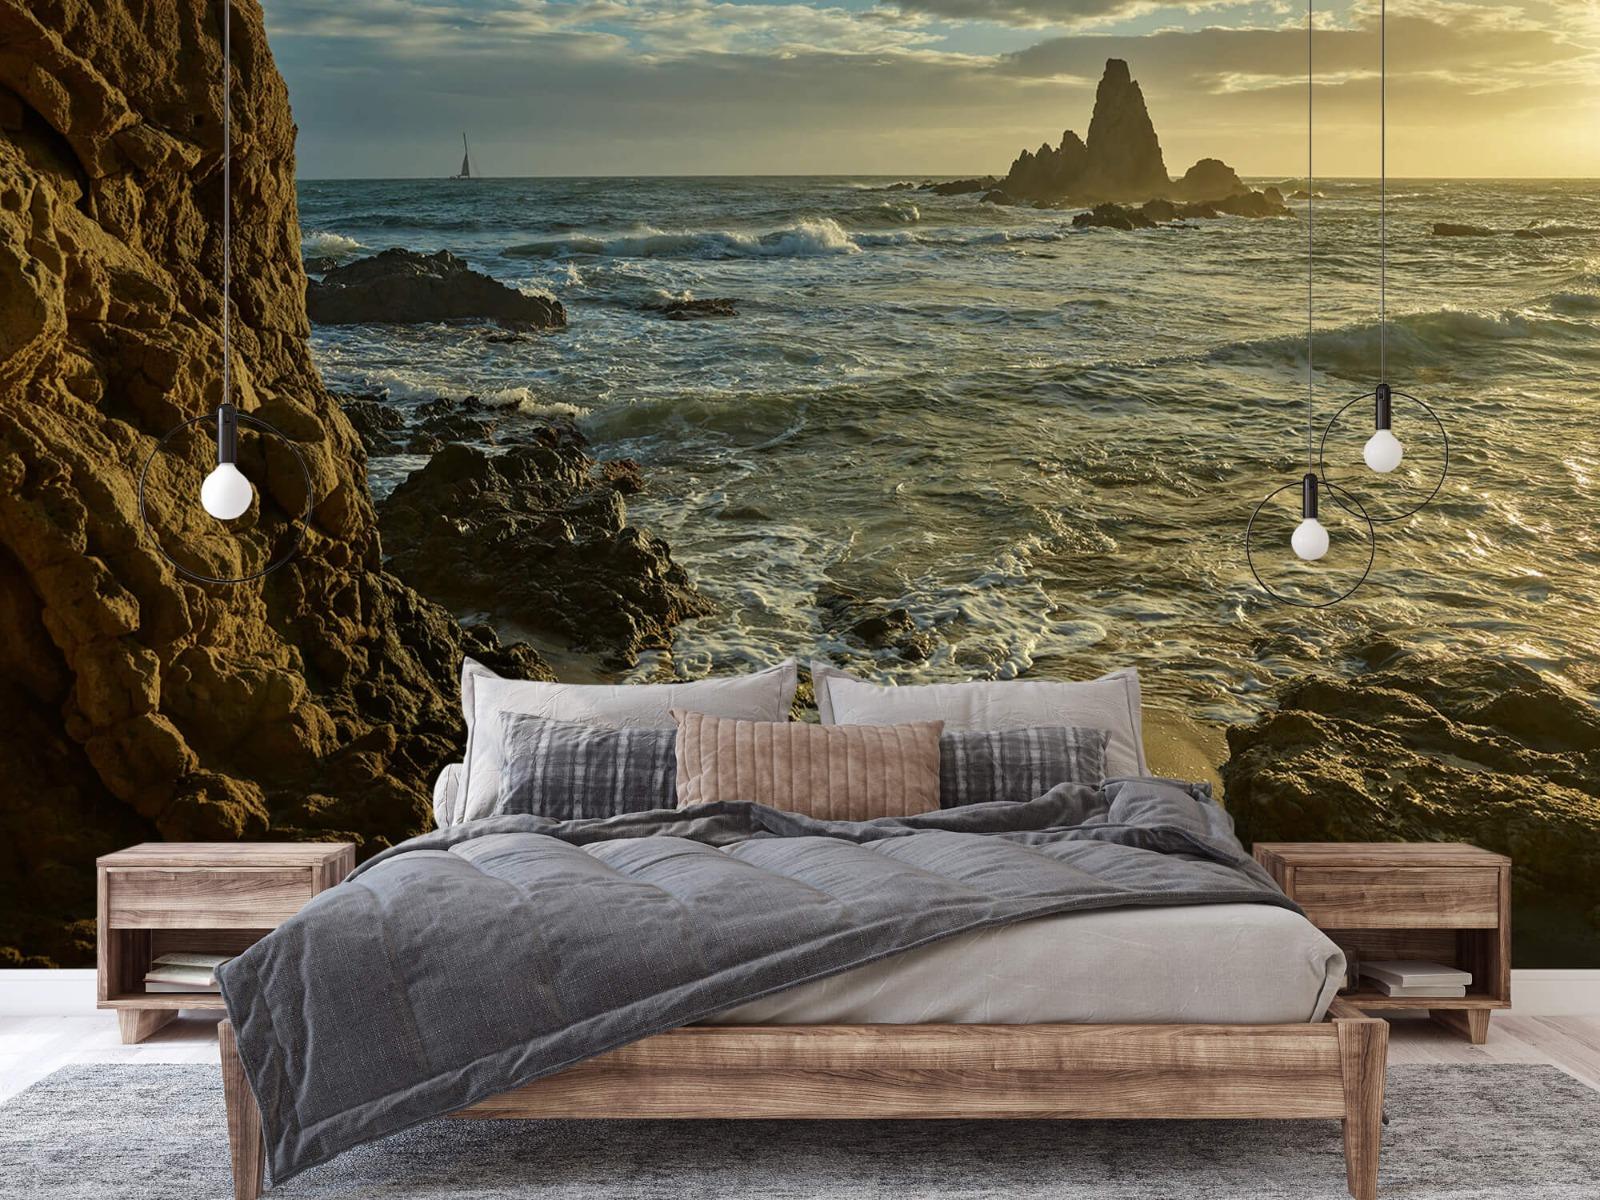 Landschap - Rotsen voor de kust - Slaapkamer 1